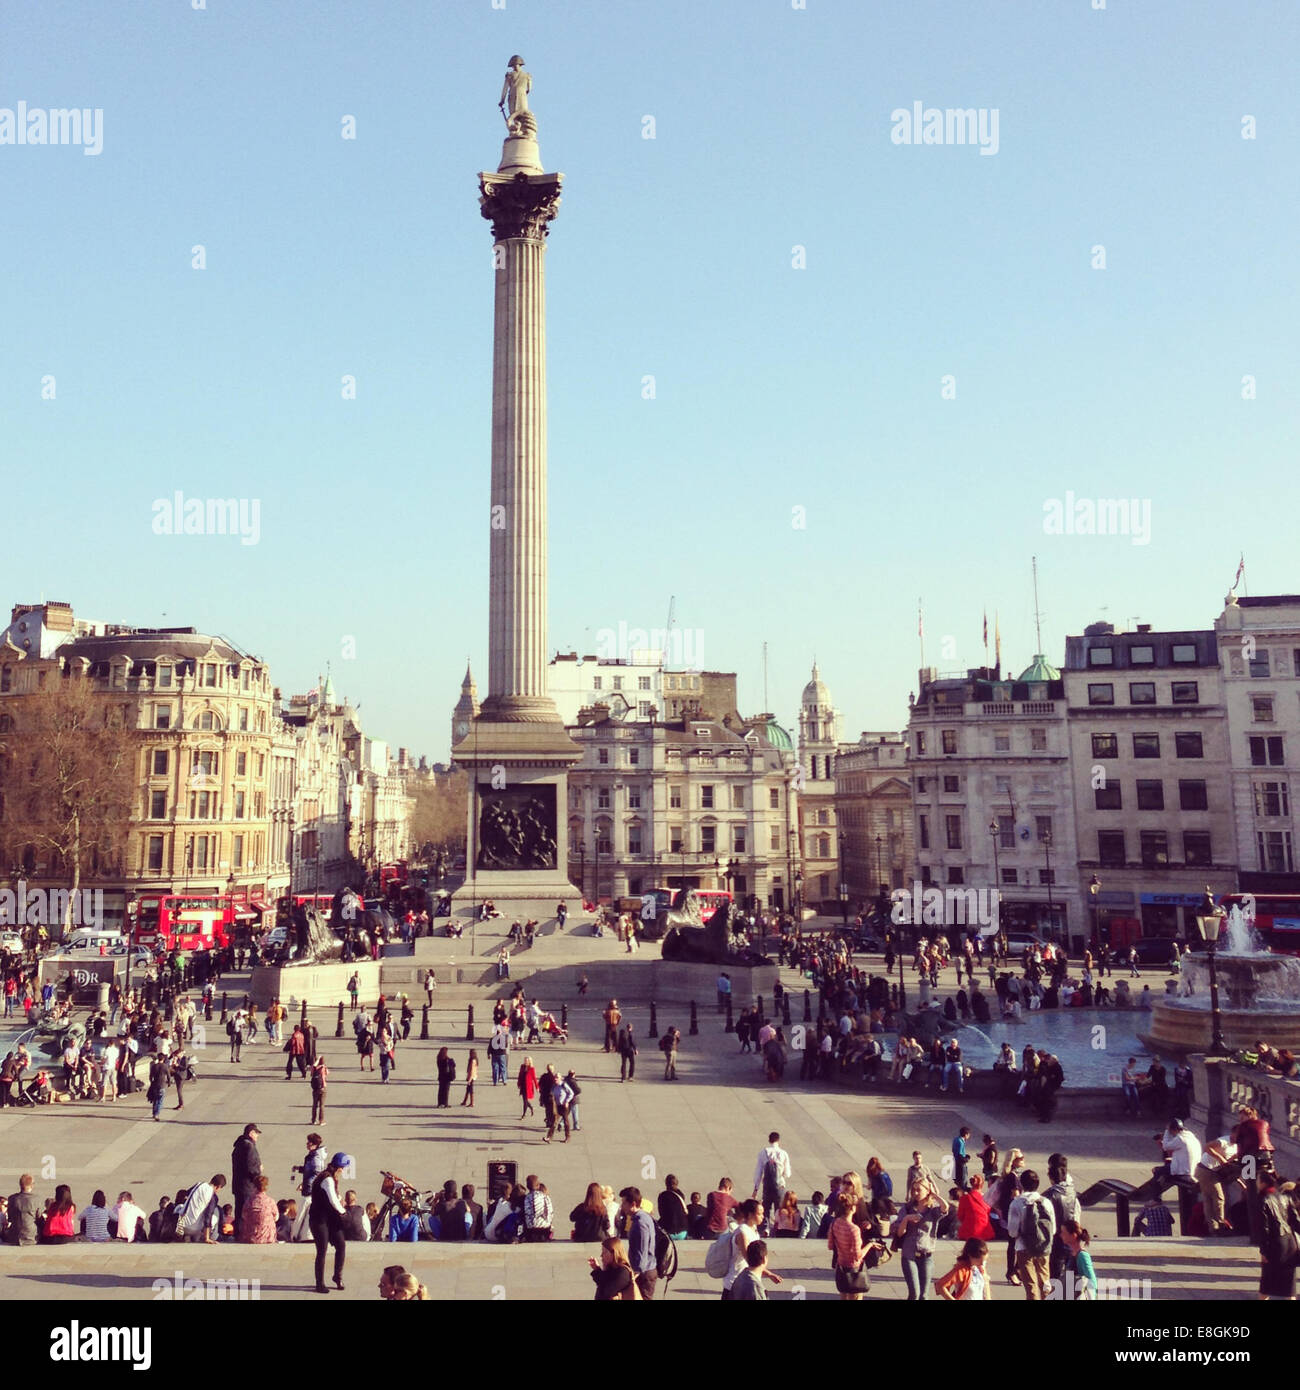 Regno Unito, Londra, colonna a Trafalgar Square Immagini Stock